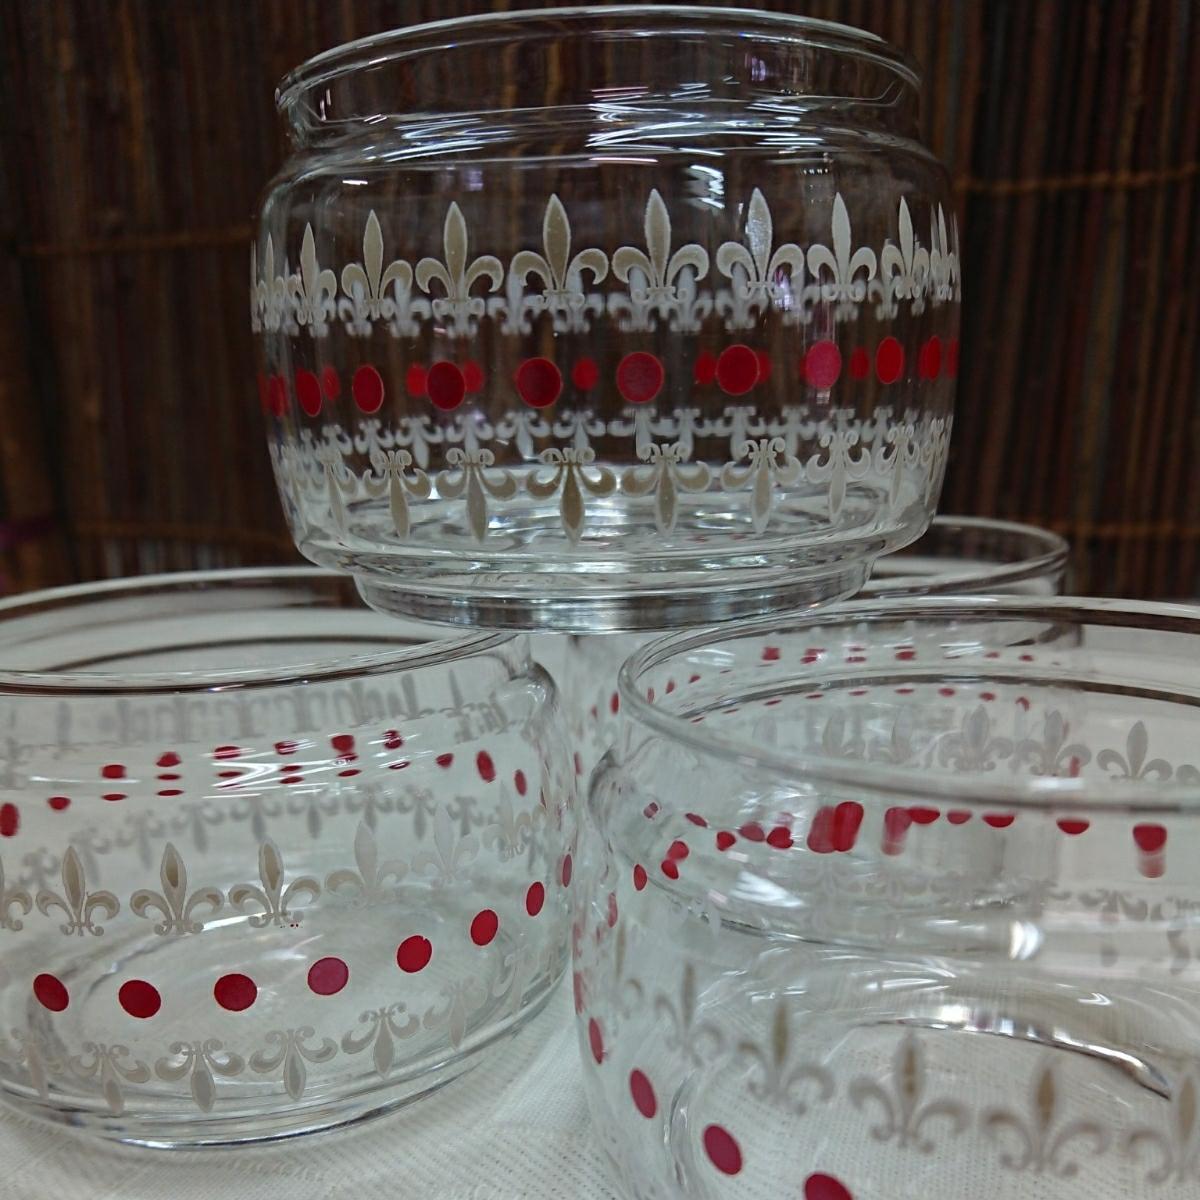 【未使用・デッドストック】アデリア ガラス スカーレット 2段シュガーポット2個 昭和レトロ (キャニスター 小物入れ キャンディ ジャー等)_画像8